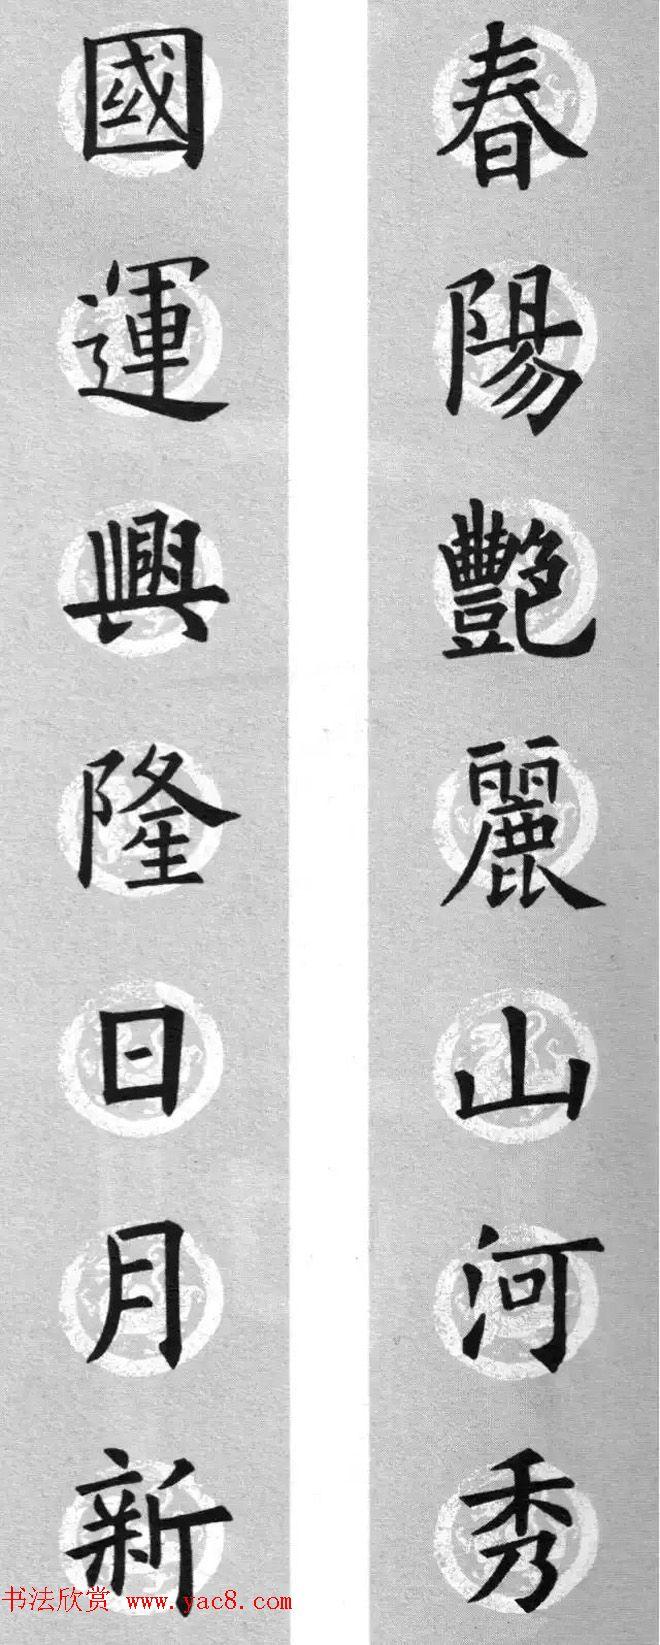 集字书法春联 欧阳询楷书七言对联合辑(18)